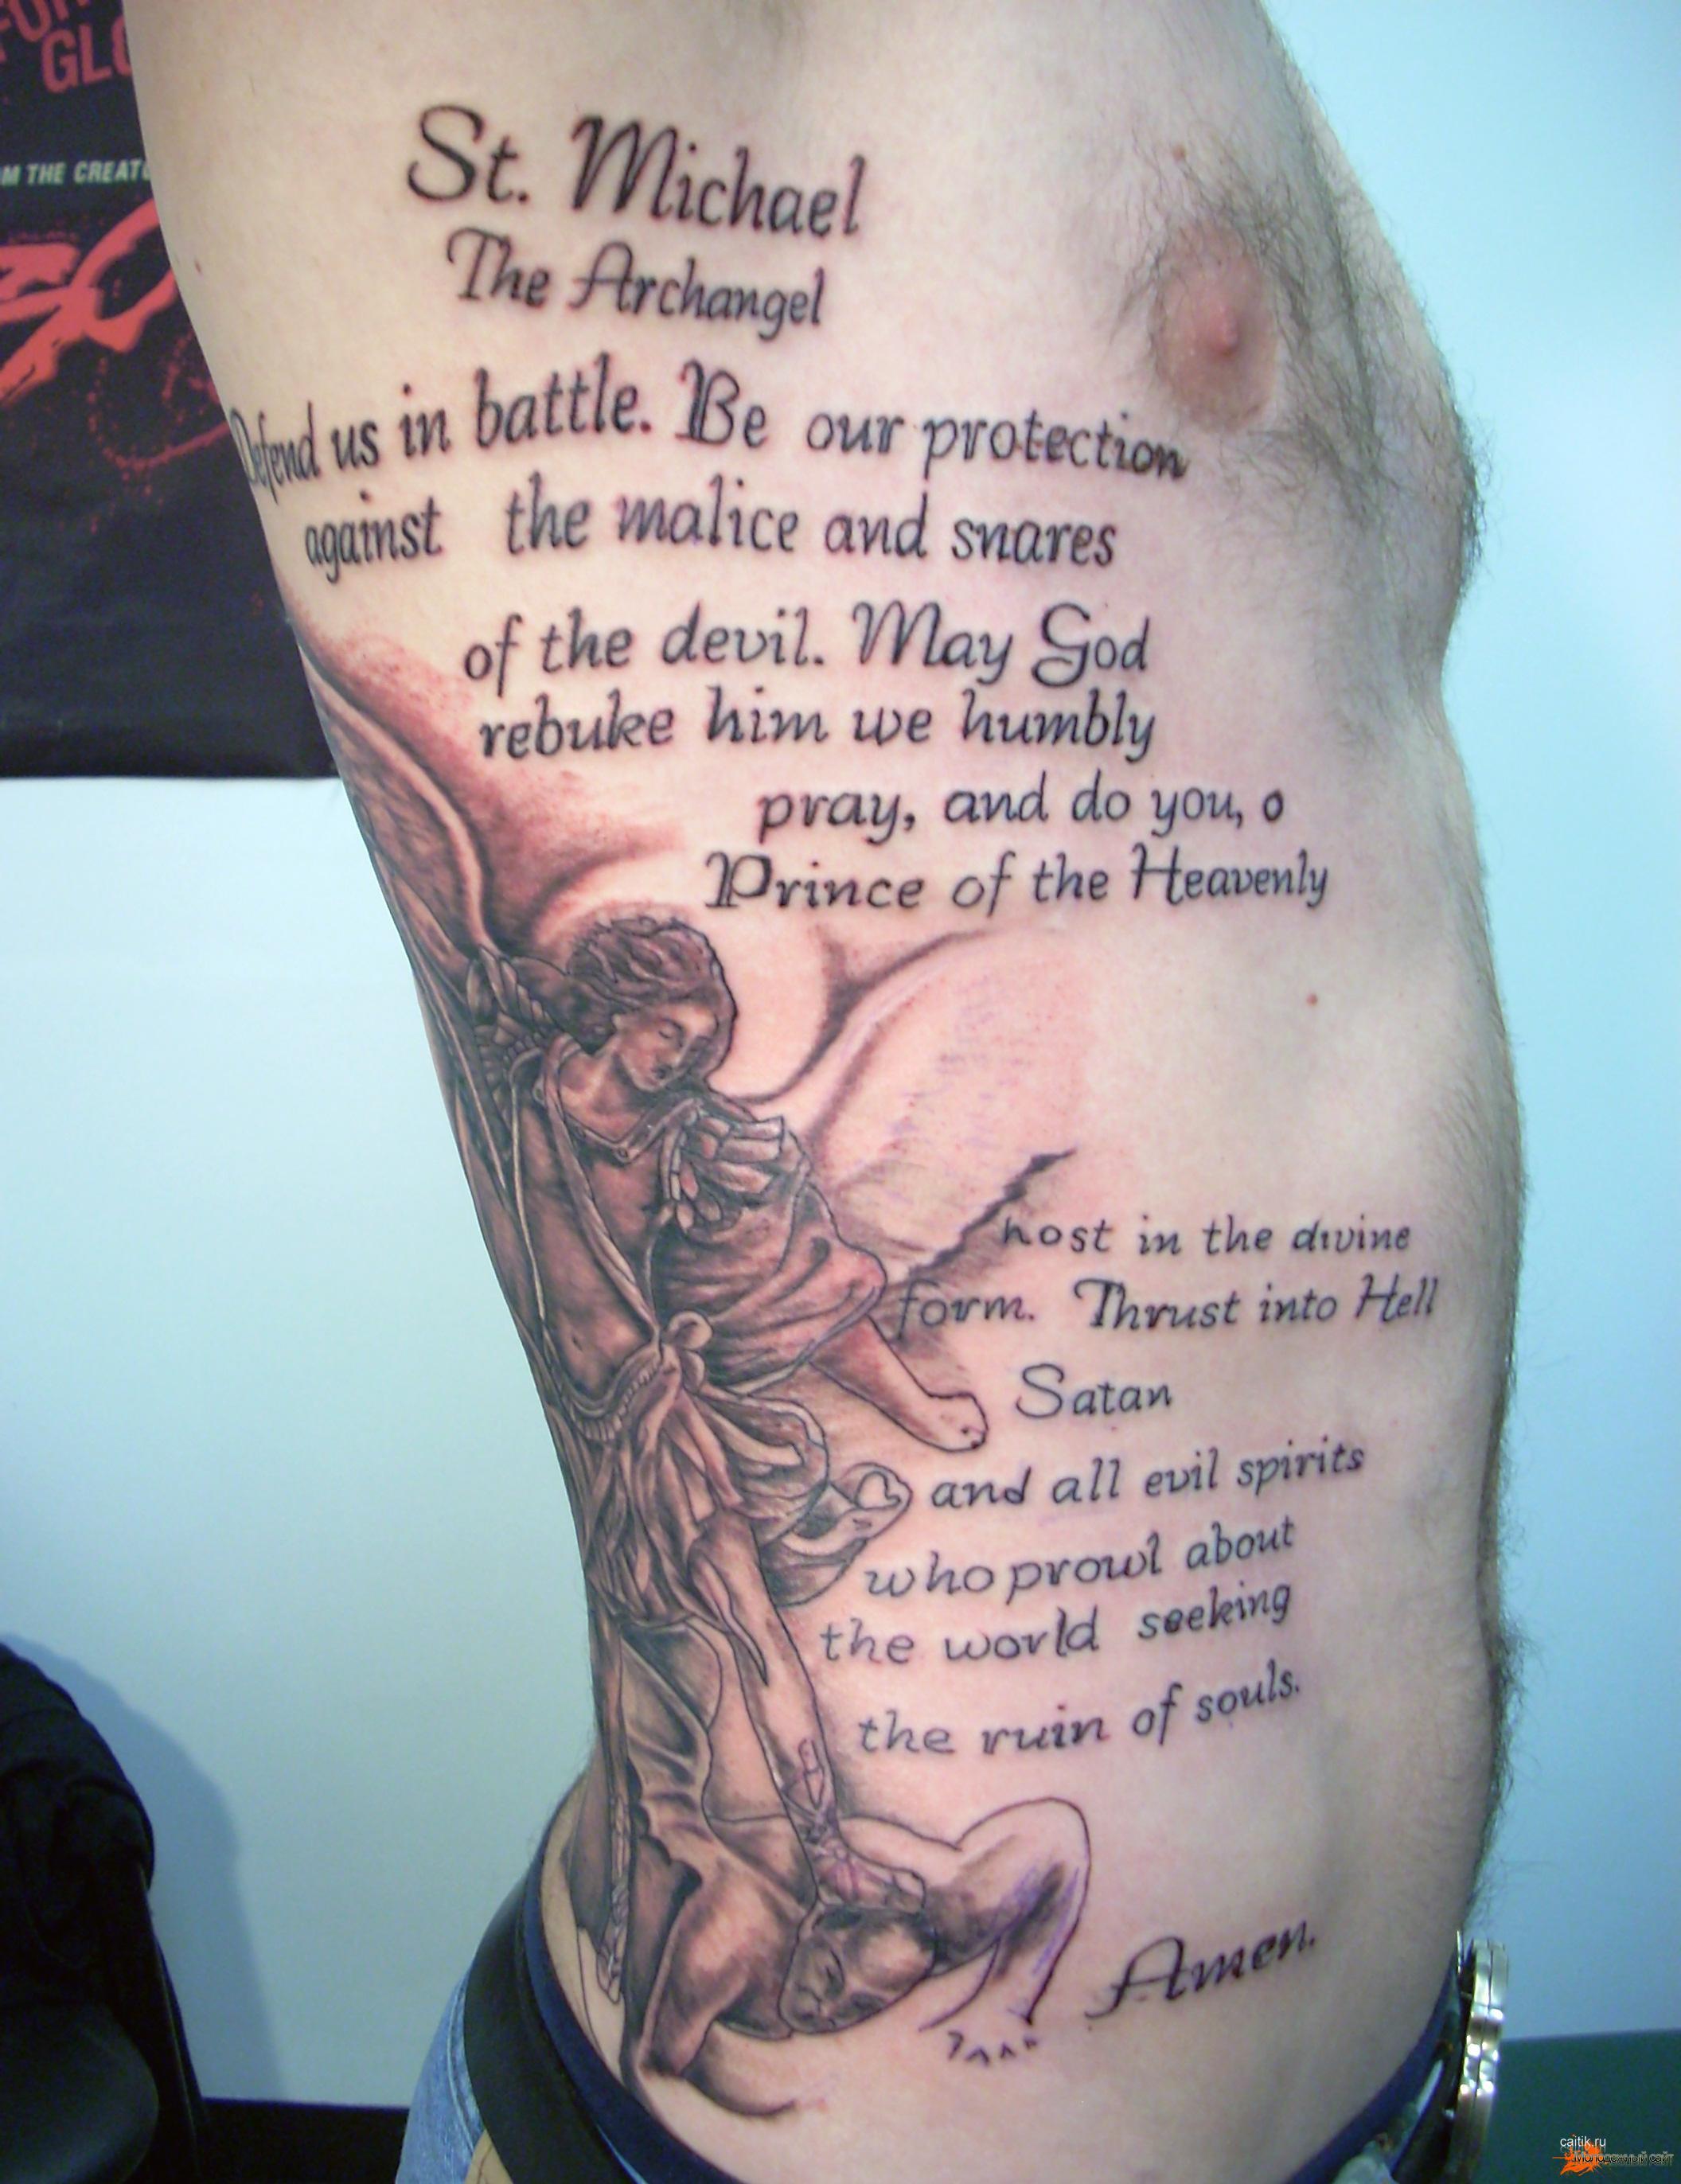 st_michael-tattoo-05.jpg